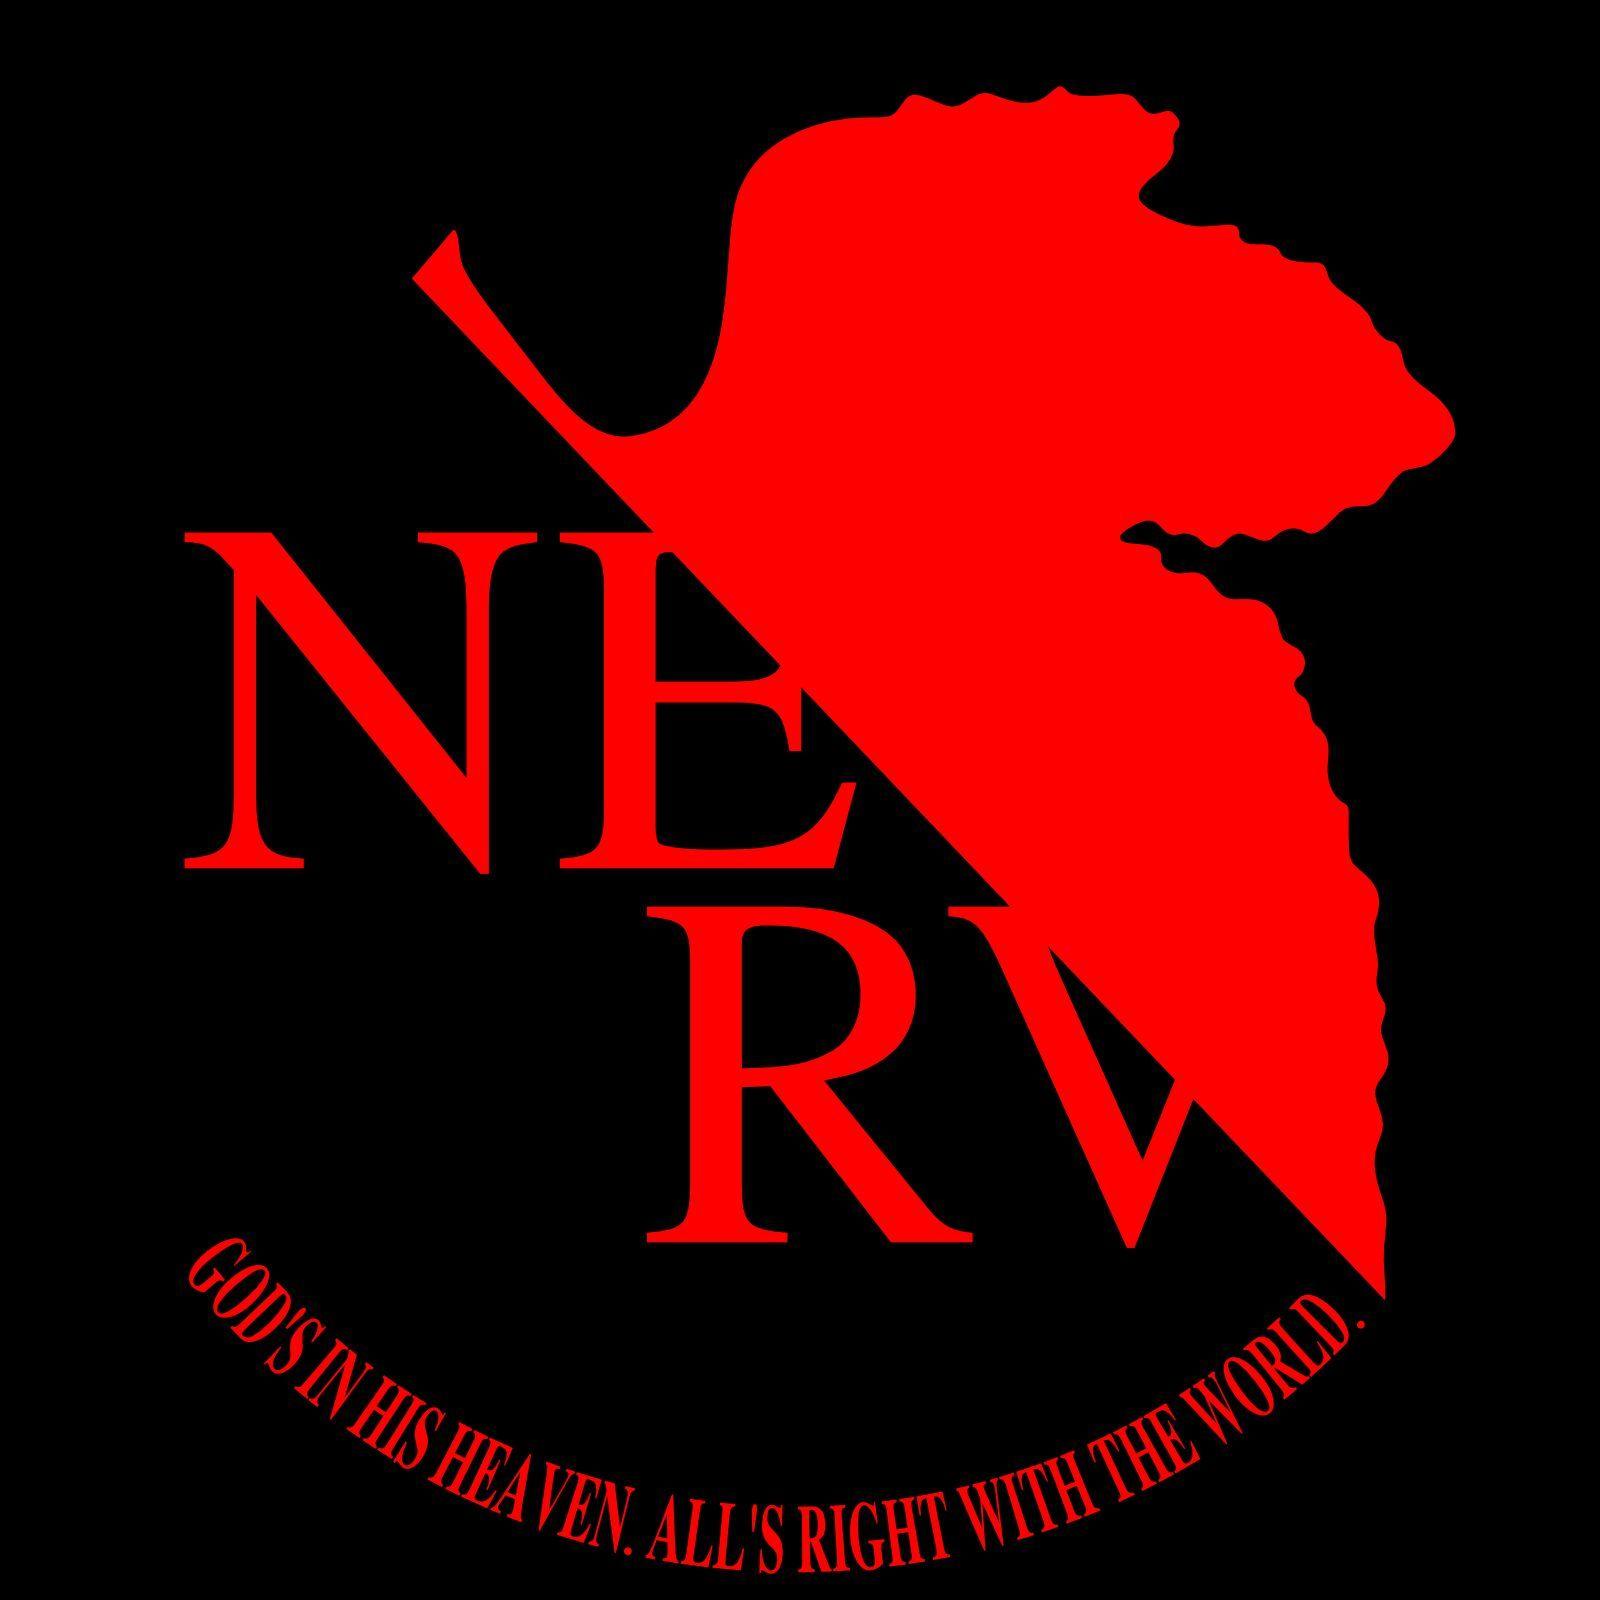 ¿Porqué todos o la gran mayoría de los ángeles se dirigen hacia los cuarteles de la NERV?